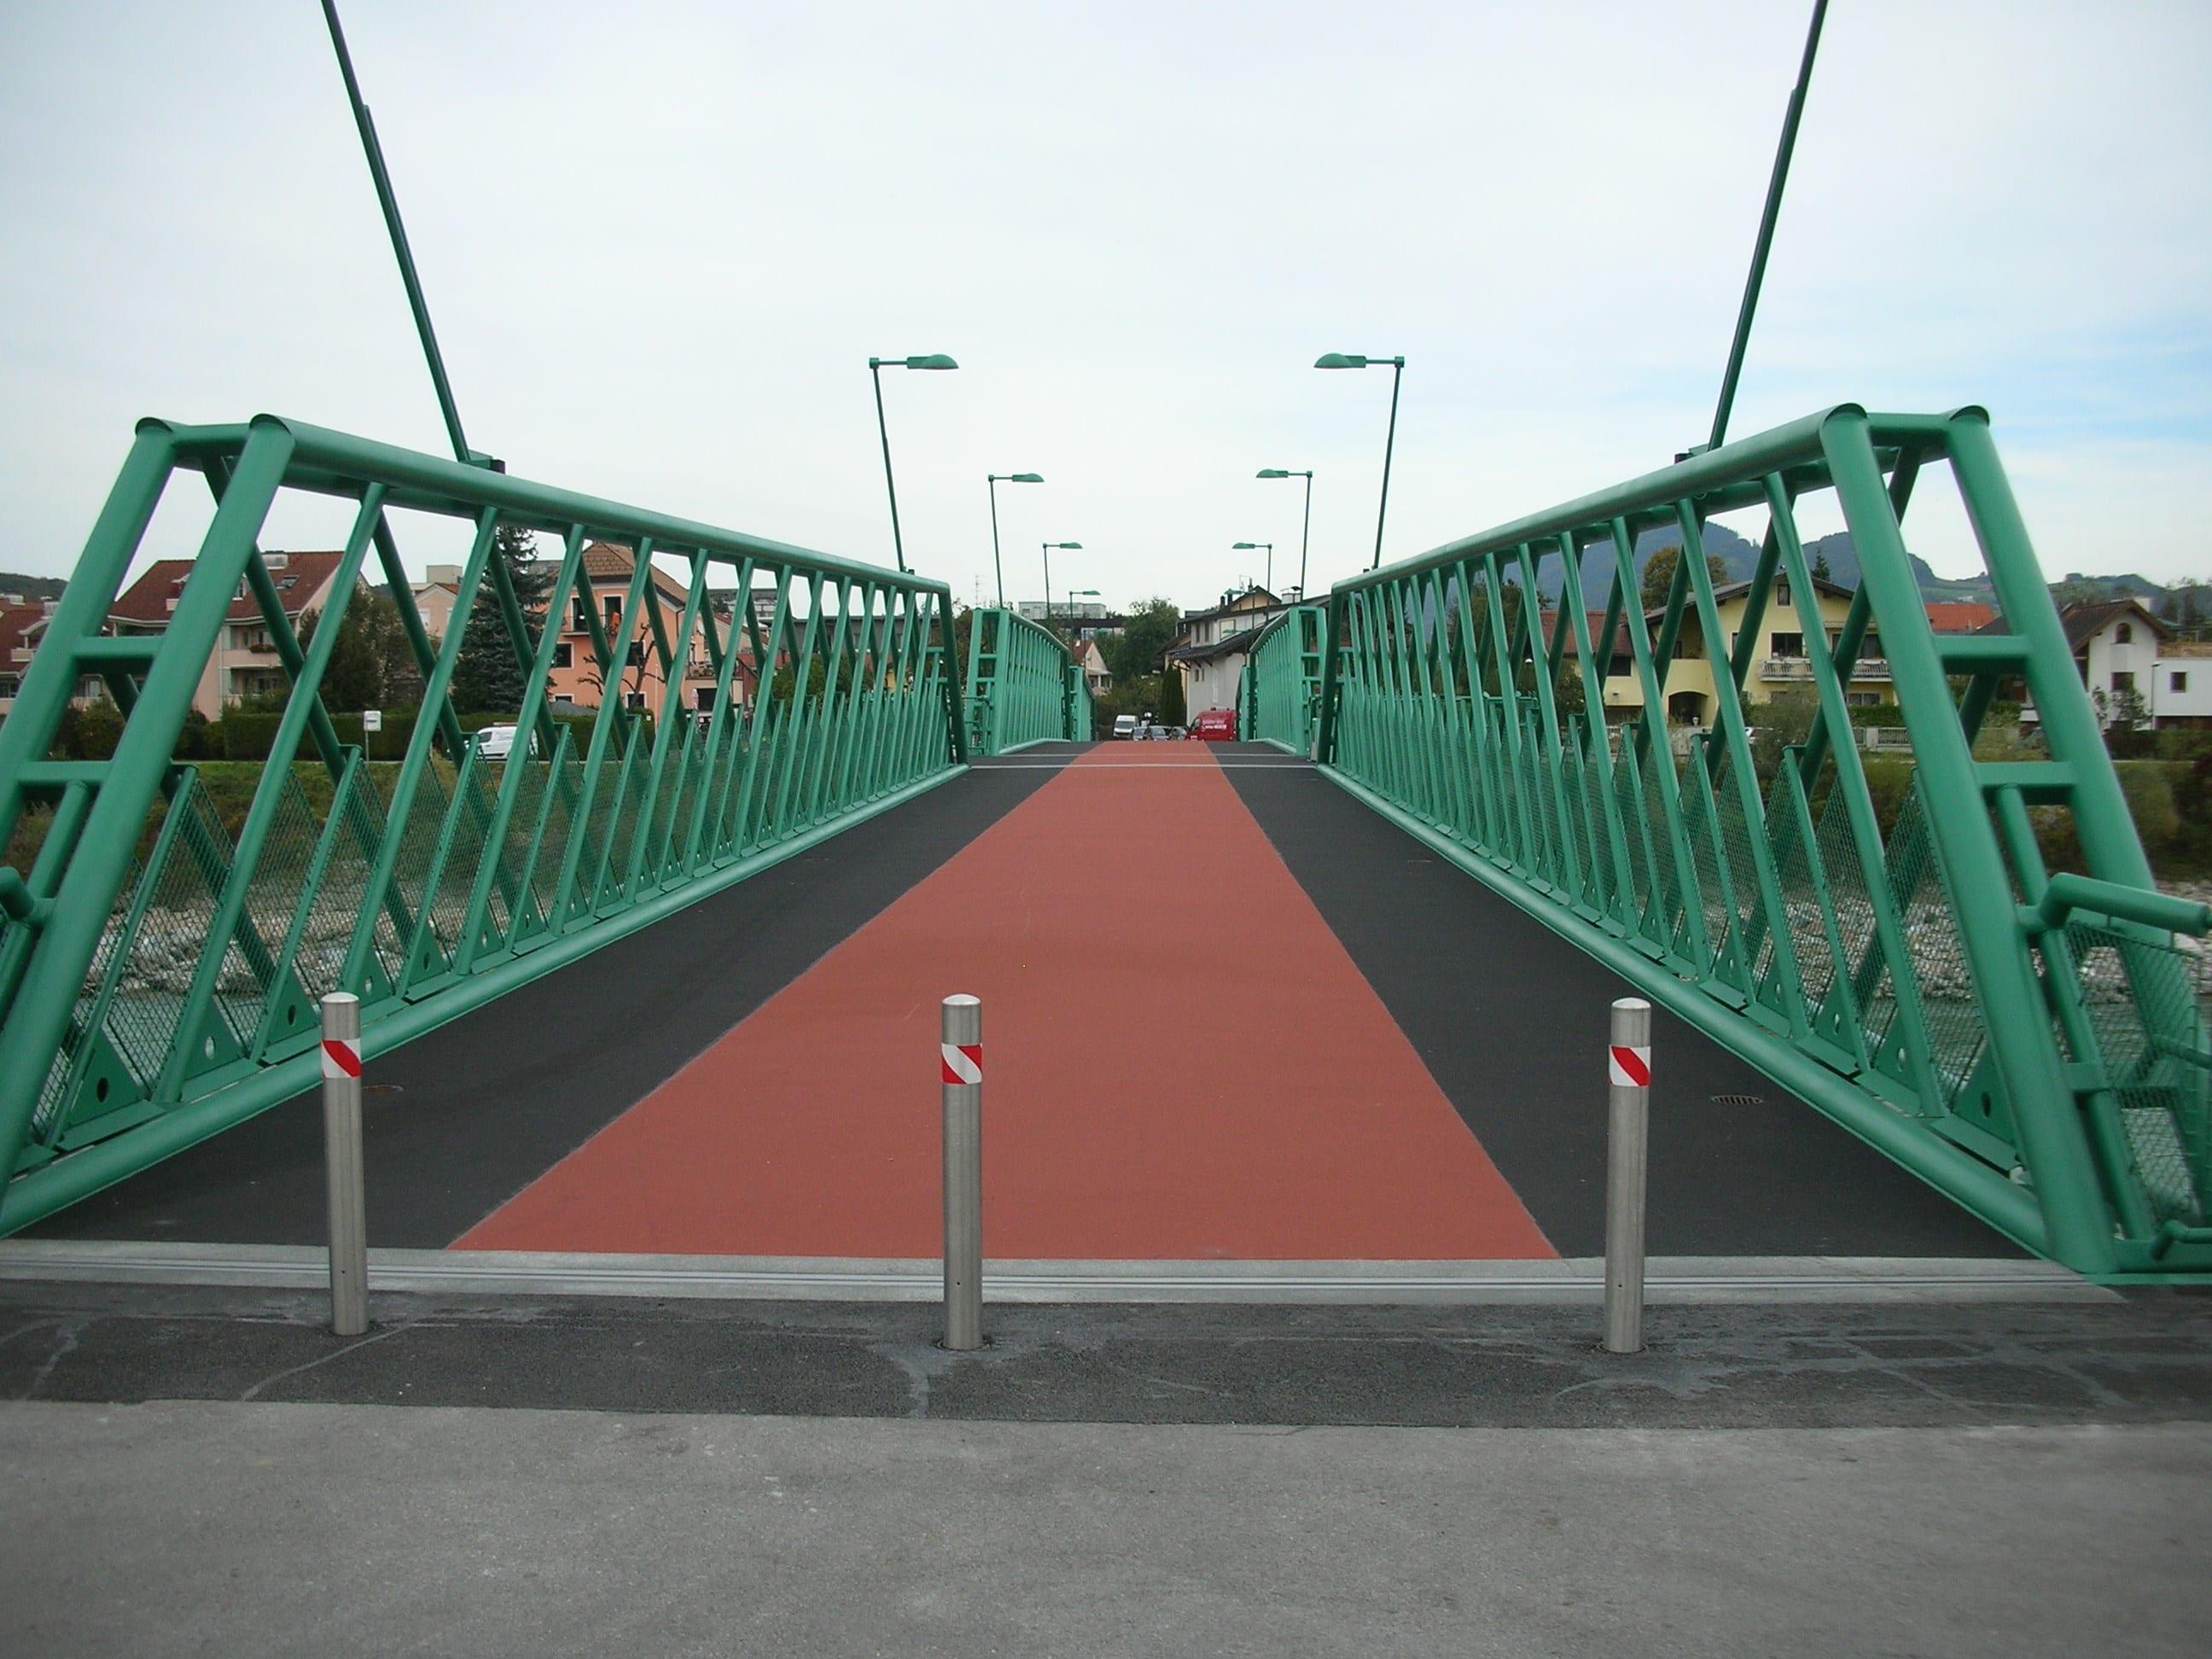 Traklsteg_Fertiggestellte Brücke 1